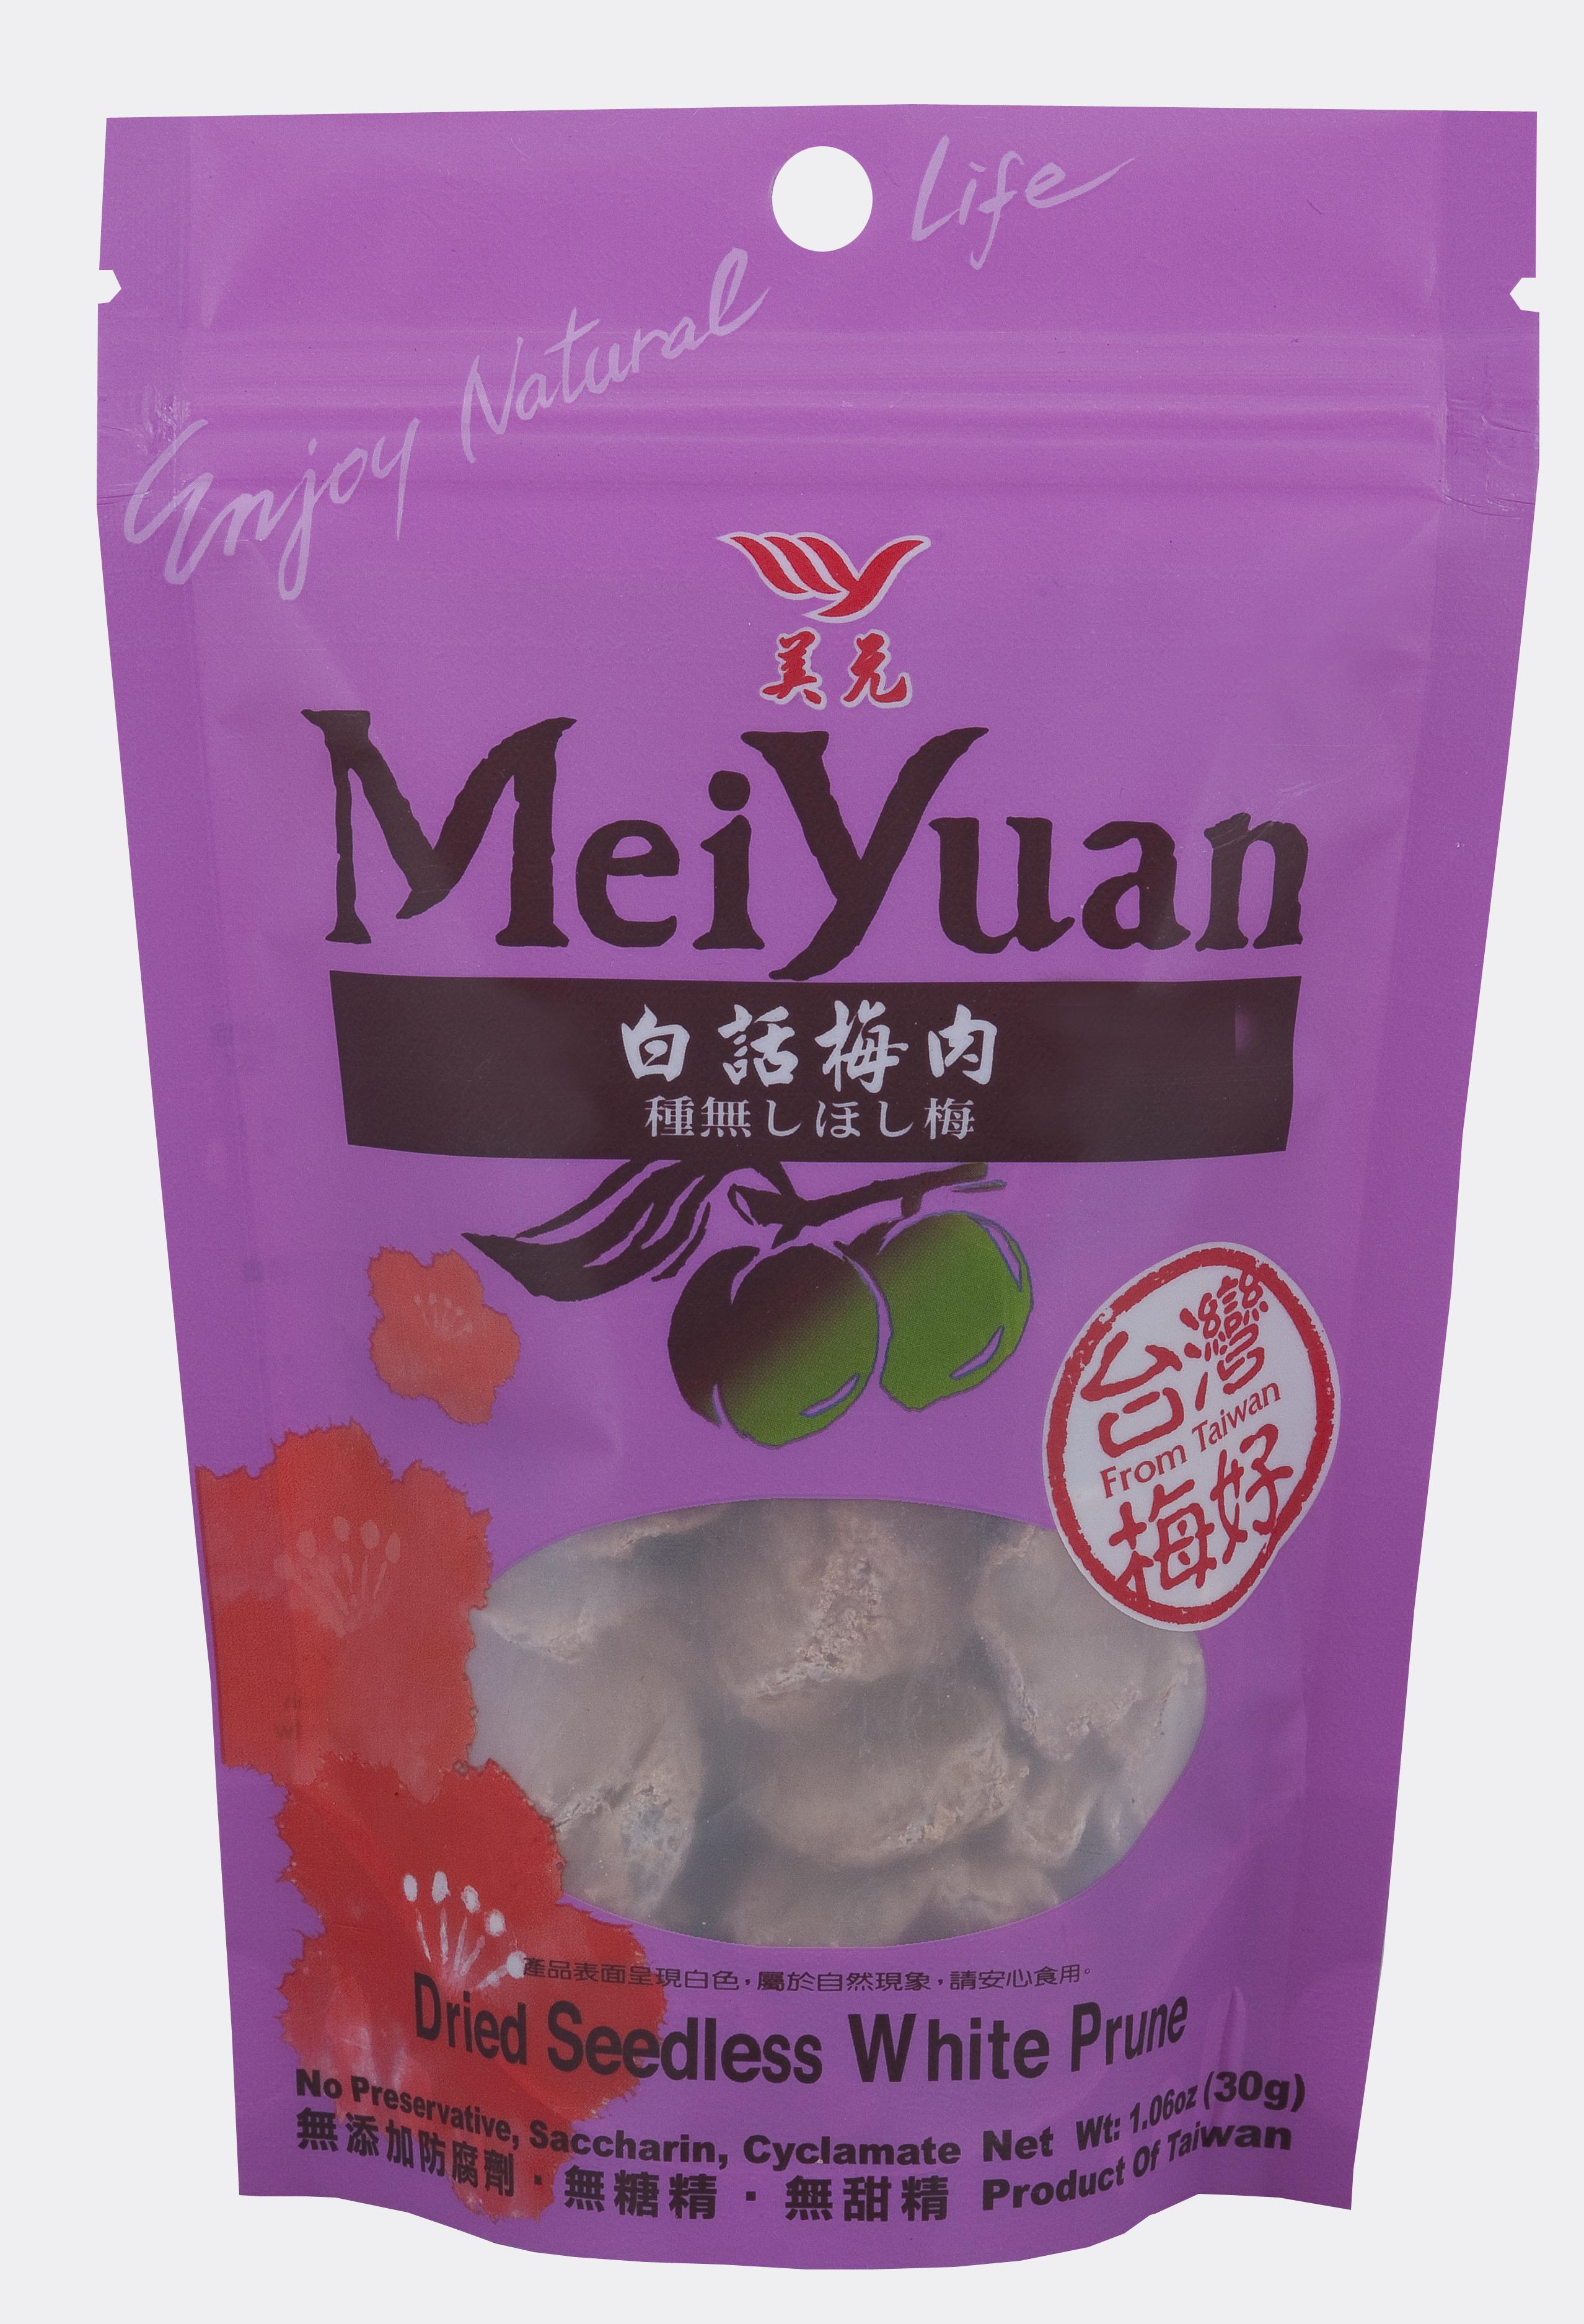 白話梅肉30g_台灣梅好-美元食品(宜蘭/台東/蜜餞/零嘴/伴手禮)